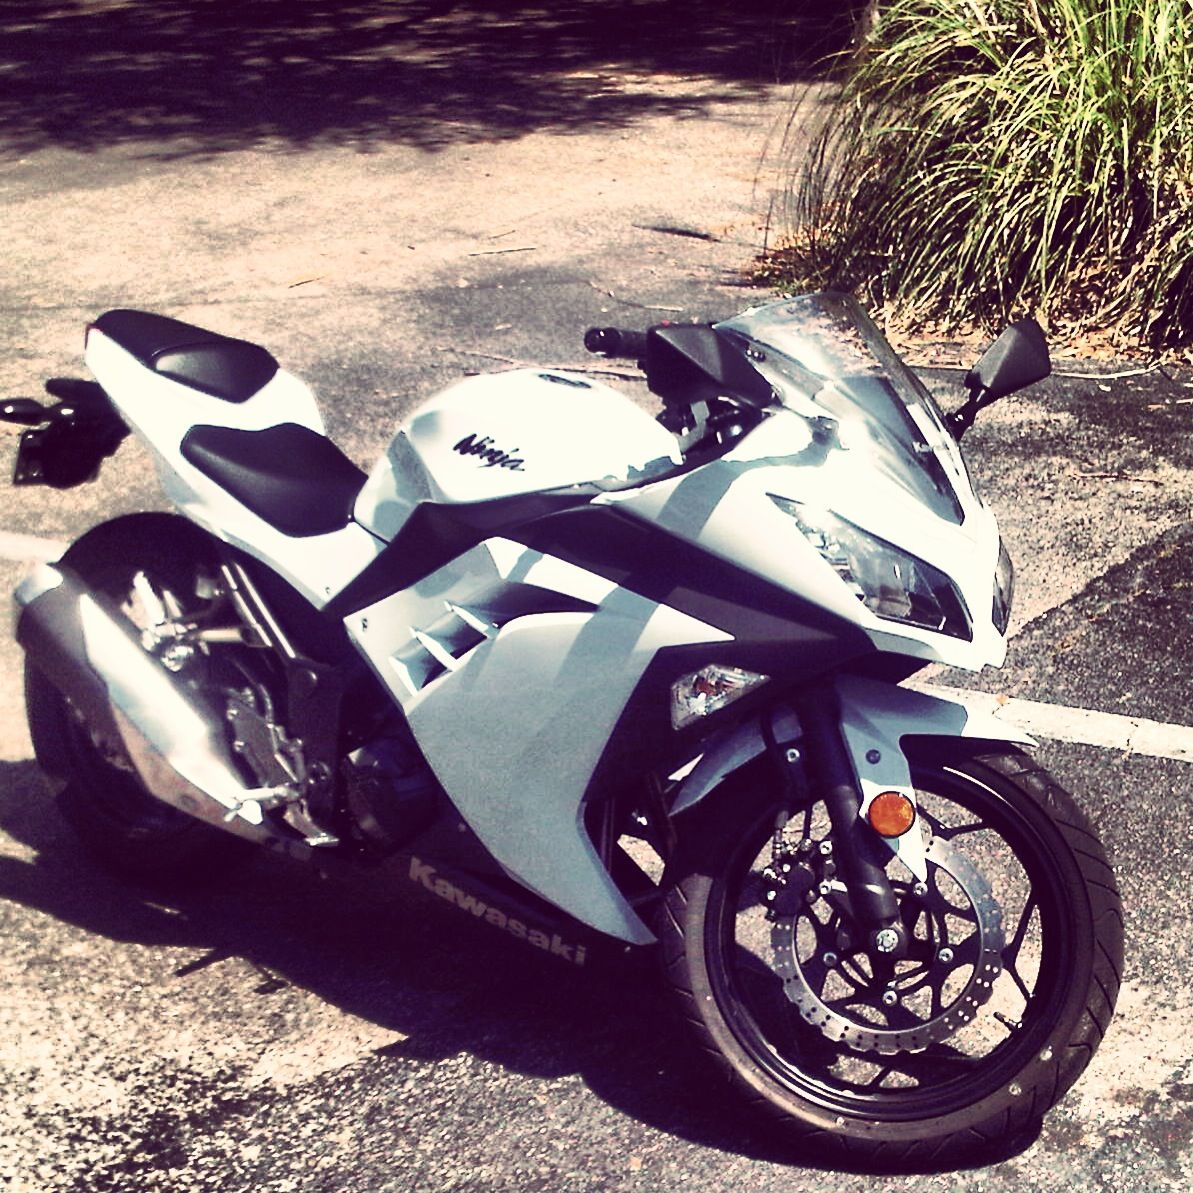 2013 Kawasaki Ninja 300 White And Black Perfection Carros De Luxo Motos Motores